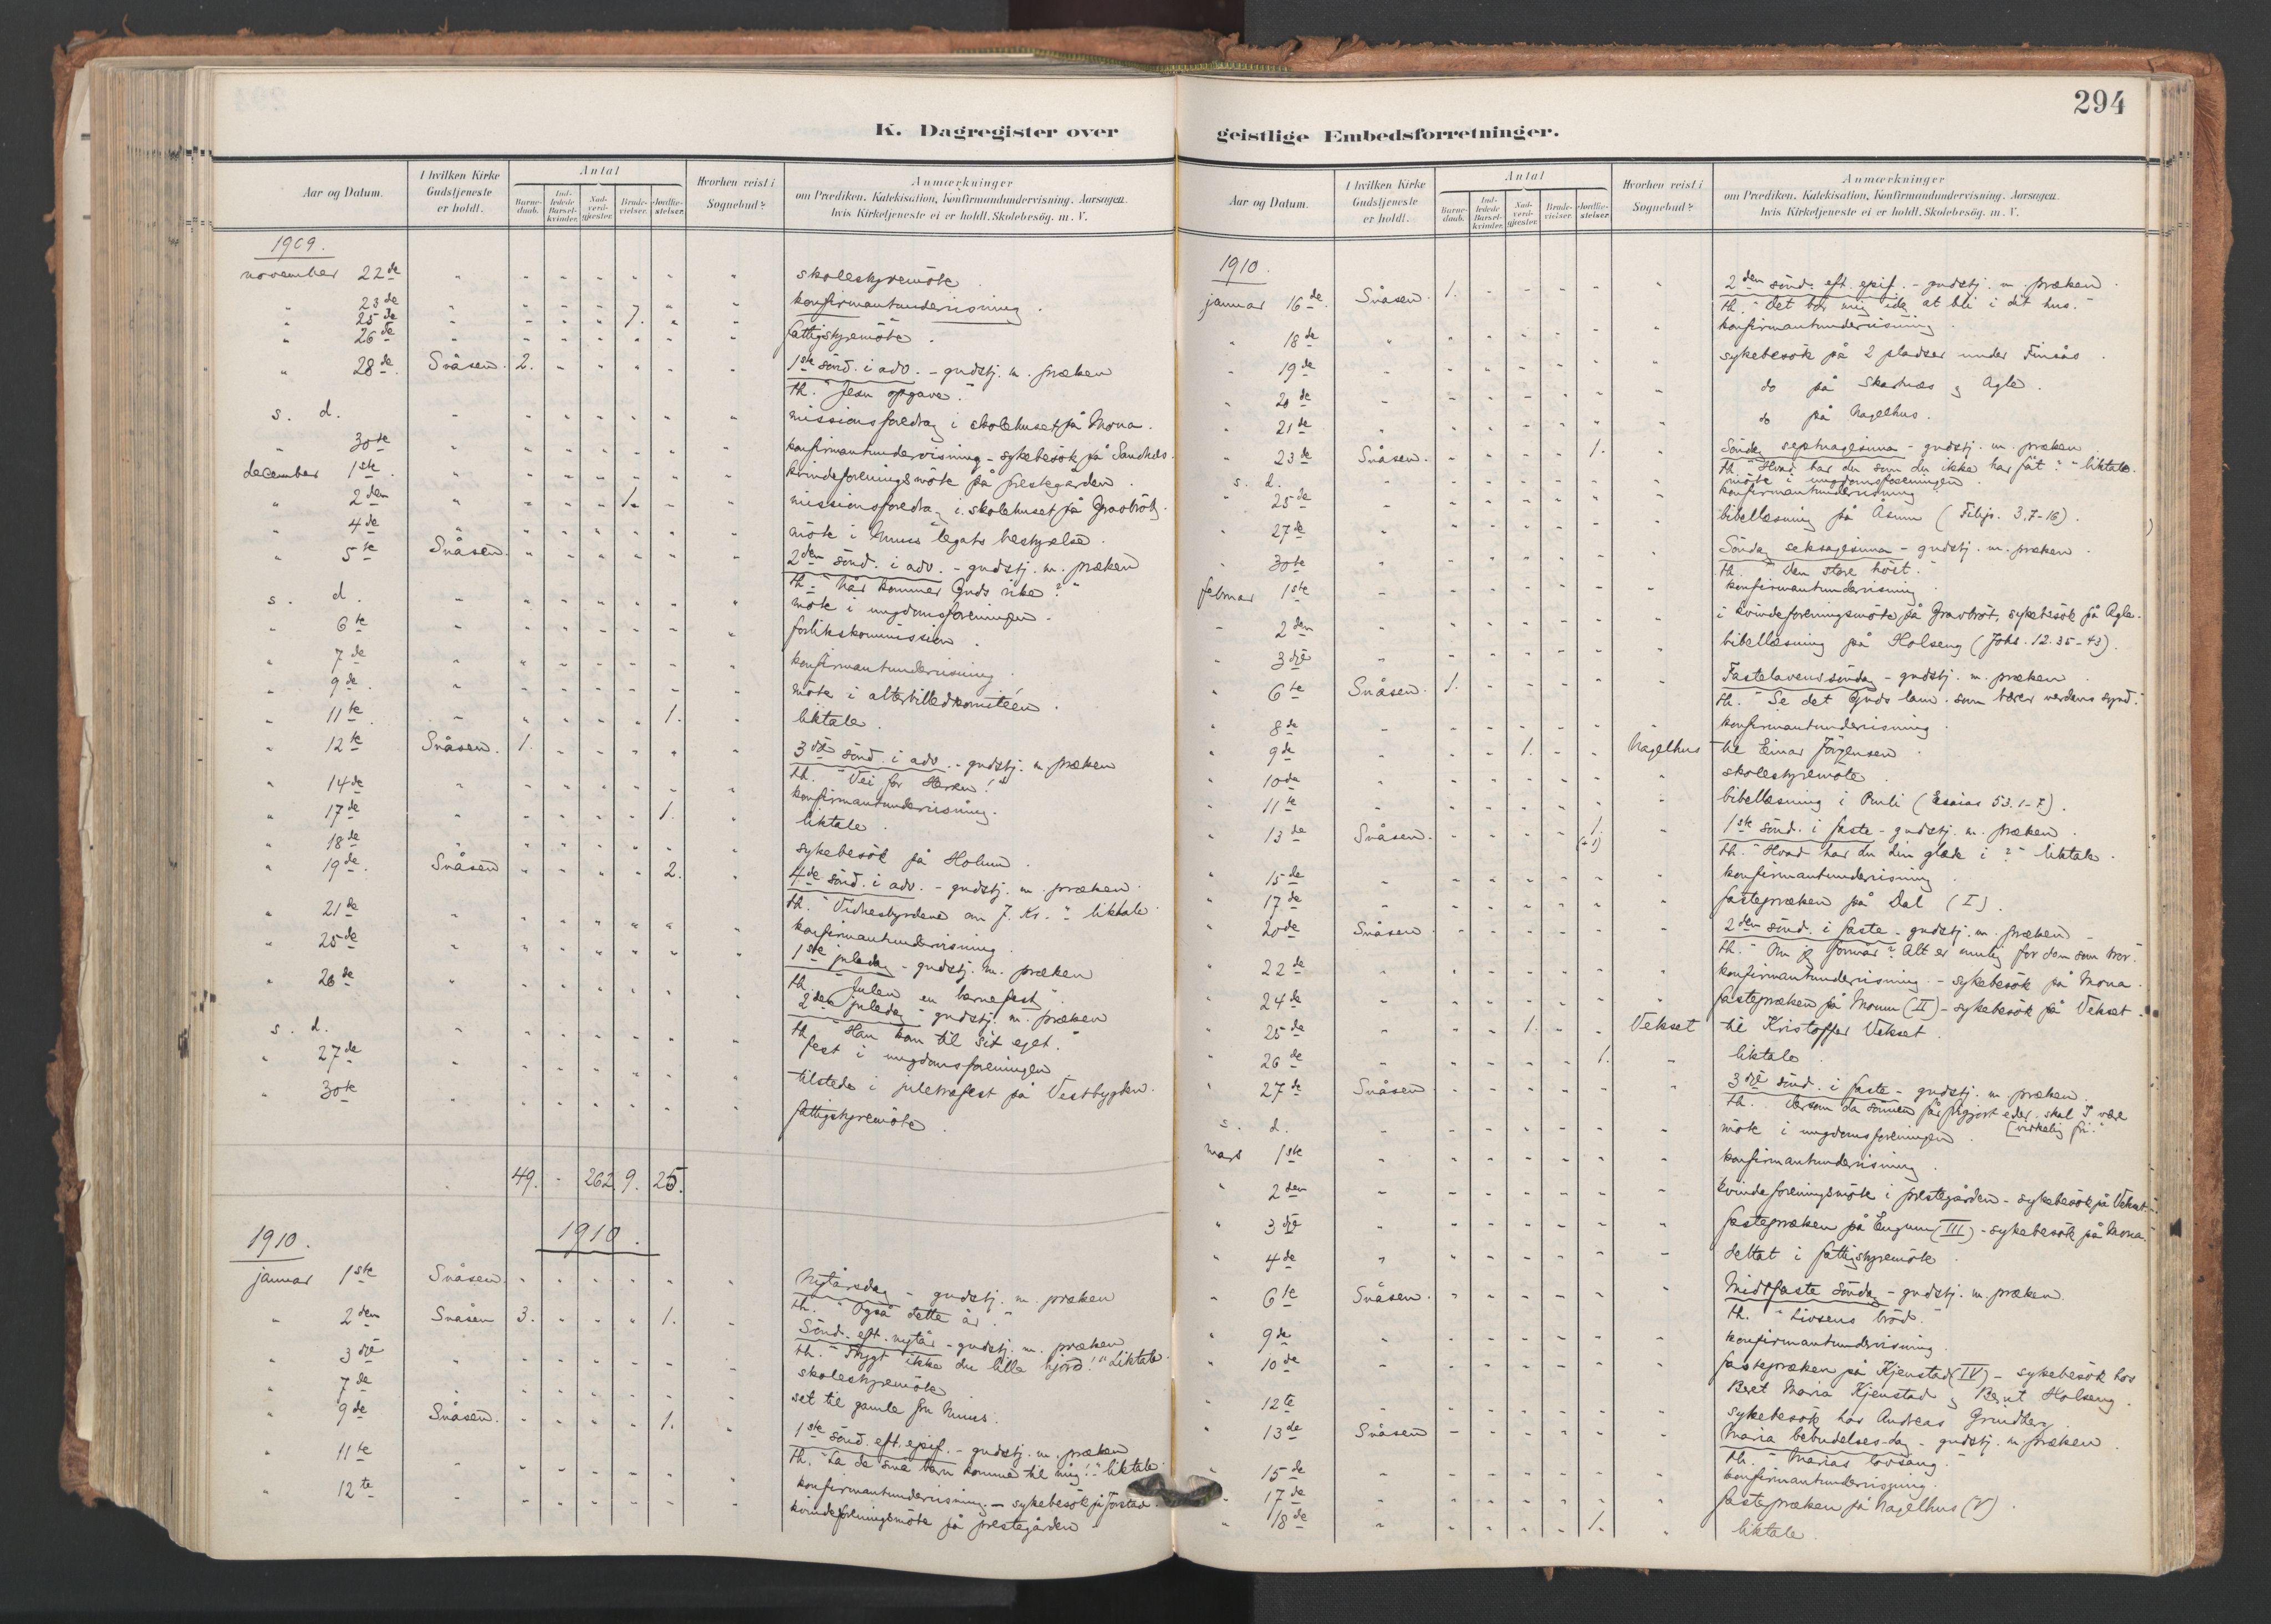 SAT, Ministerialprotokoller, klokkerbøker og fødselsregistre - Nord-Trøndelag, 749/L0477: Ministerialbok nr. 749A11, 1902-1927, s. 294